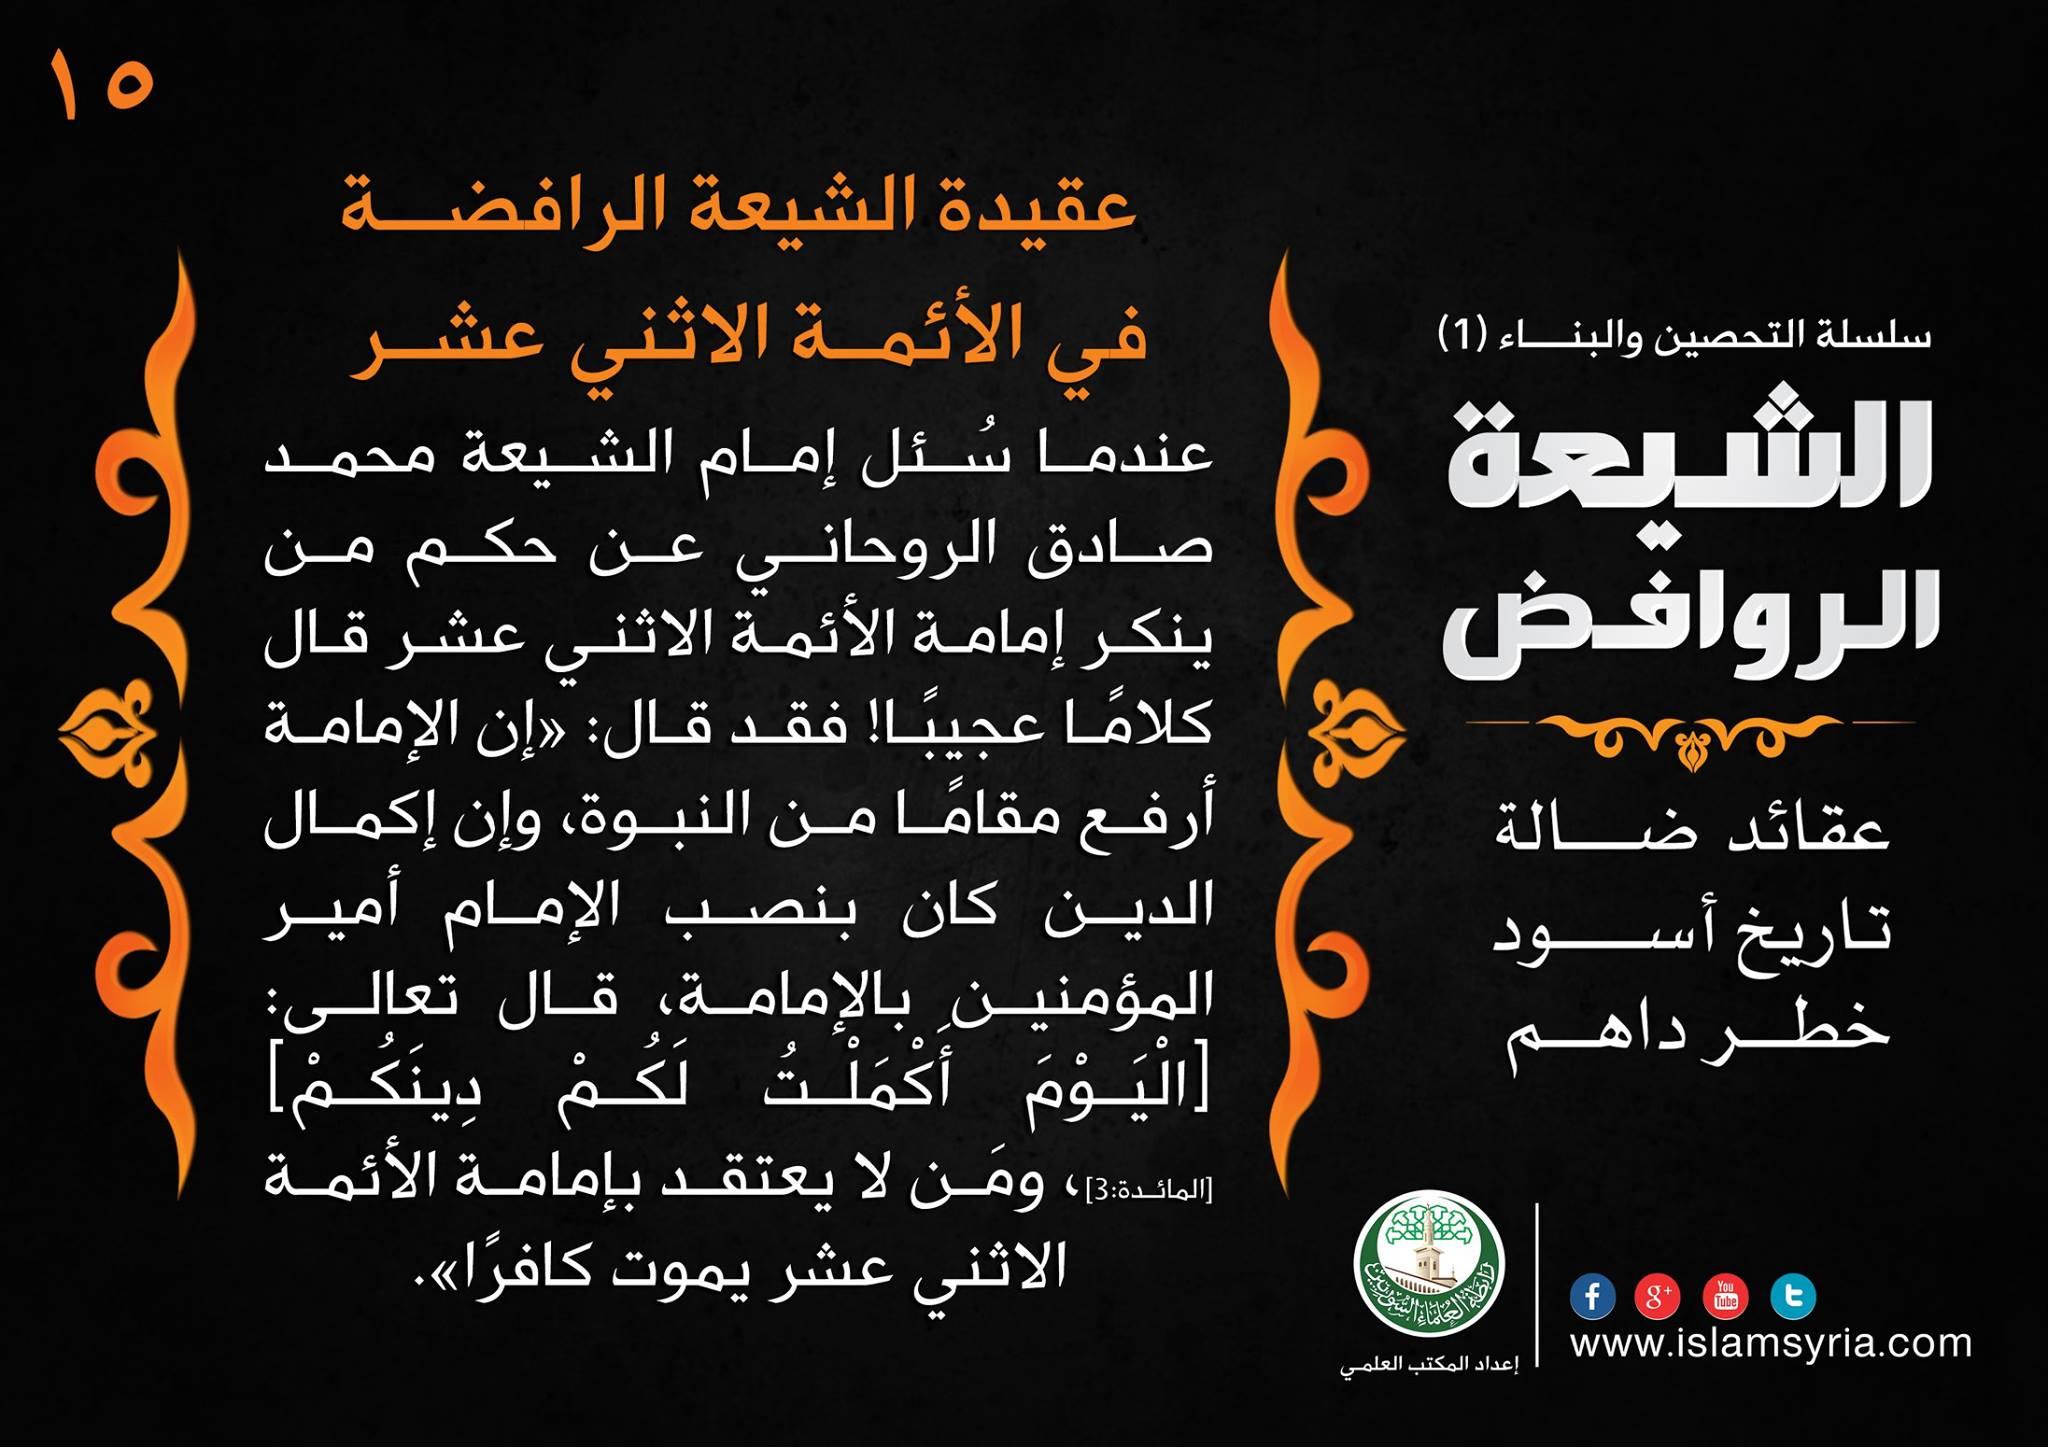 سلسلة التحصين والبناء -15- الشيعة الروافض